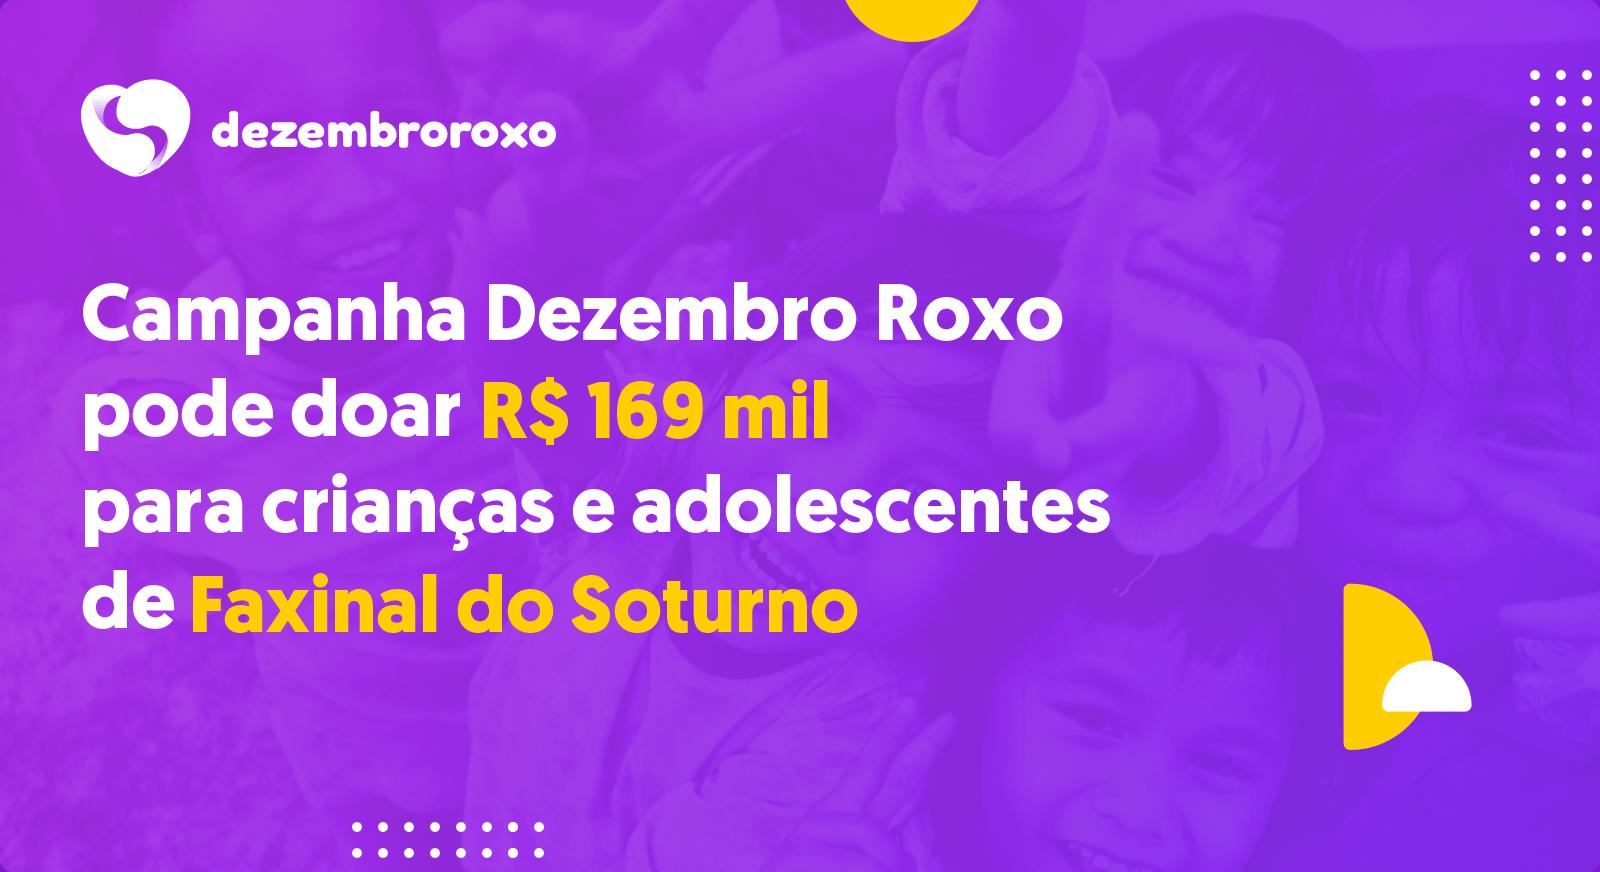 Doações em Faxinal do Soturno - RS